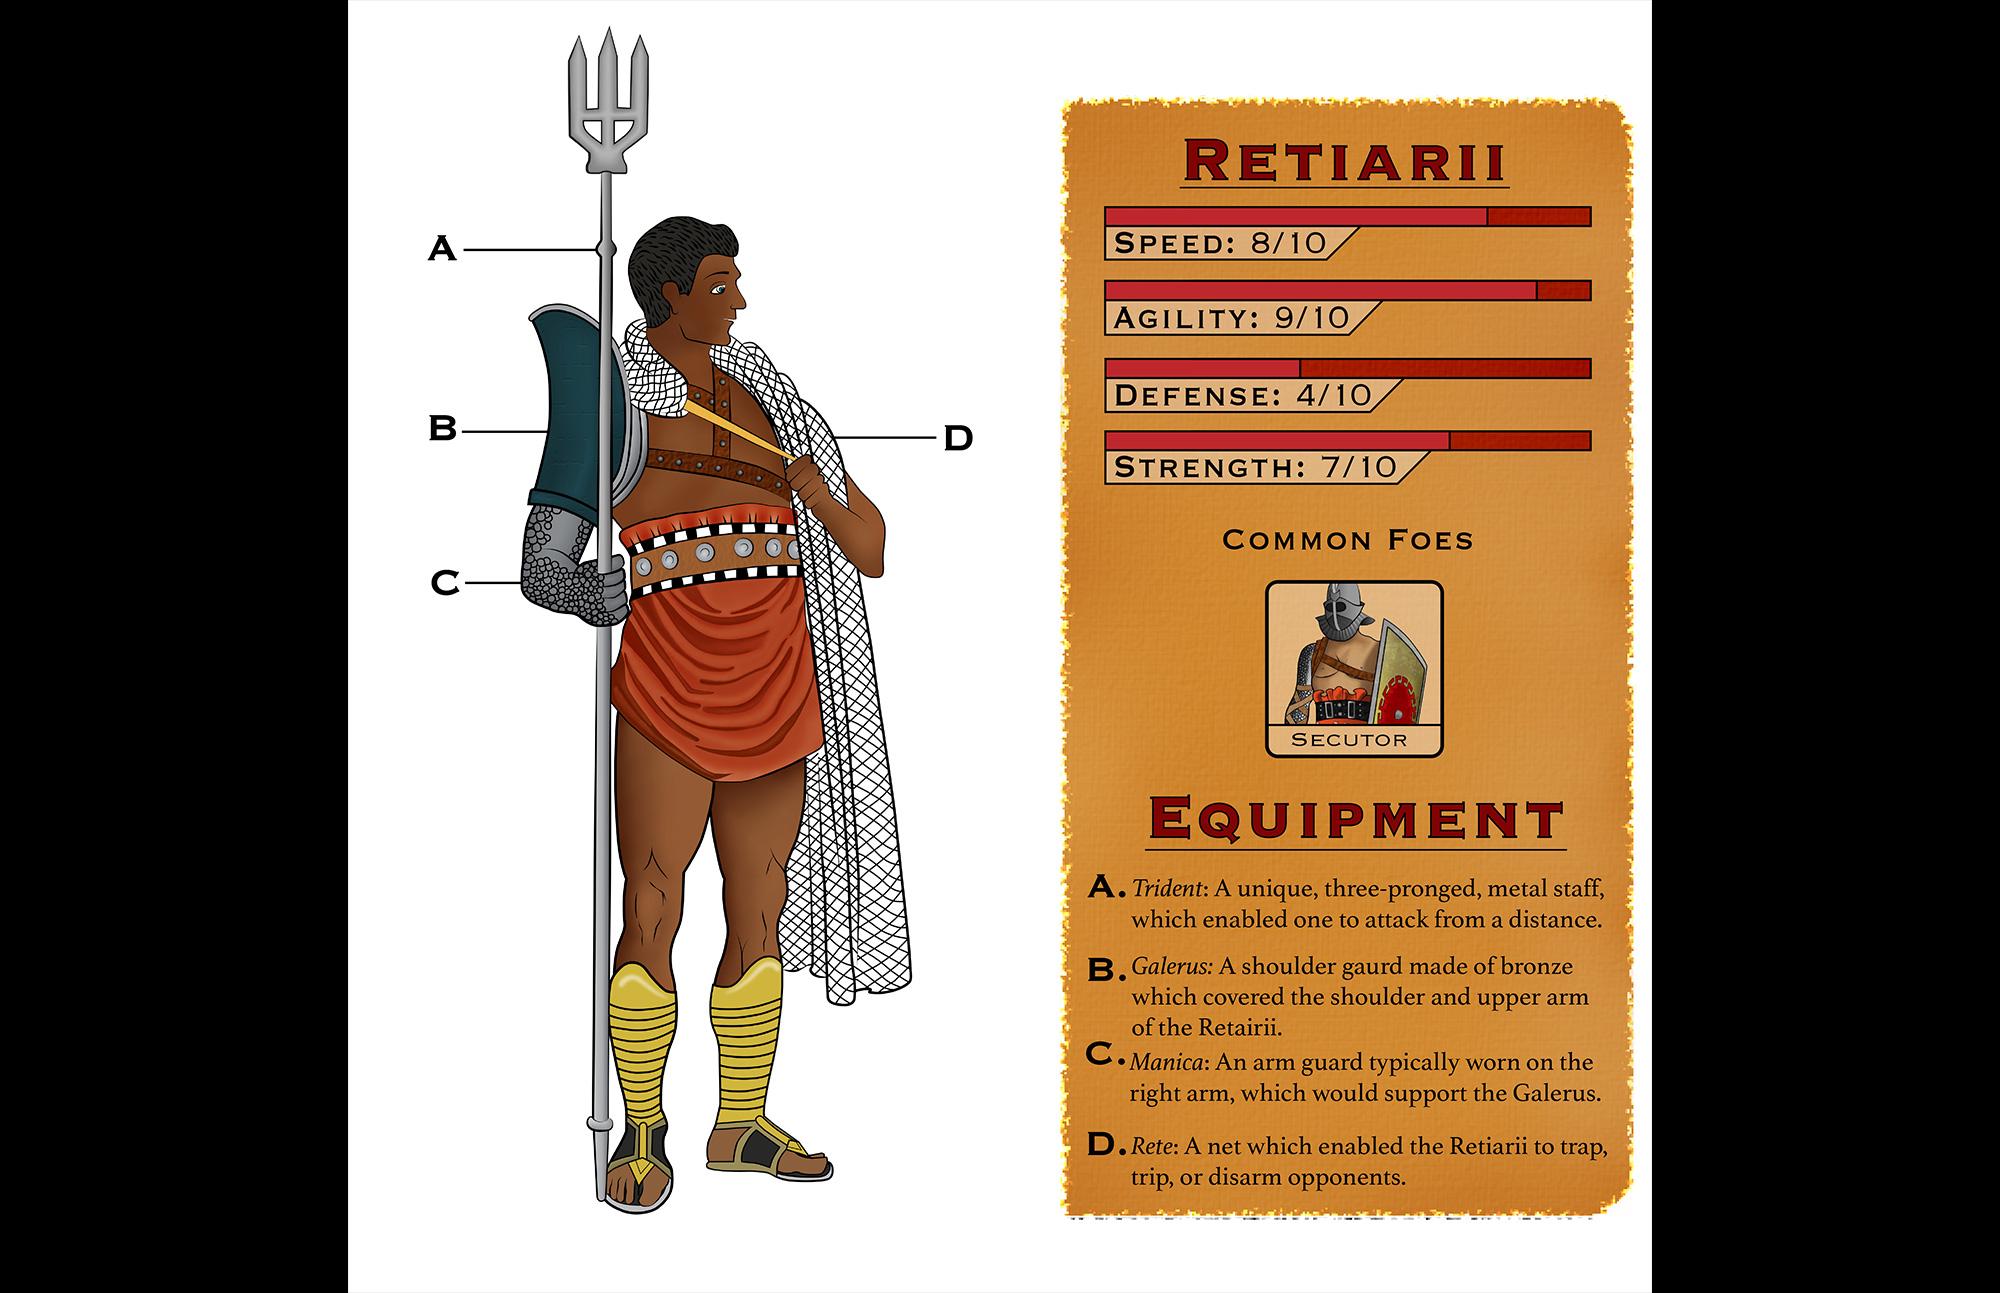 retiarii illustration